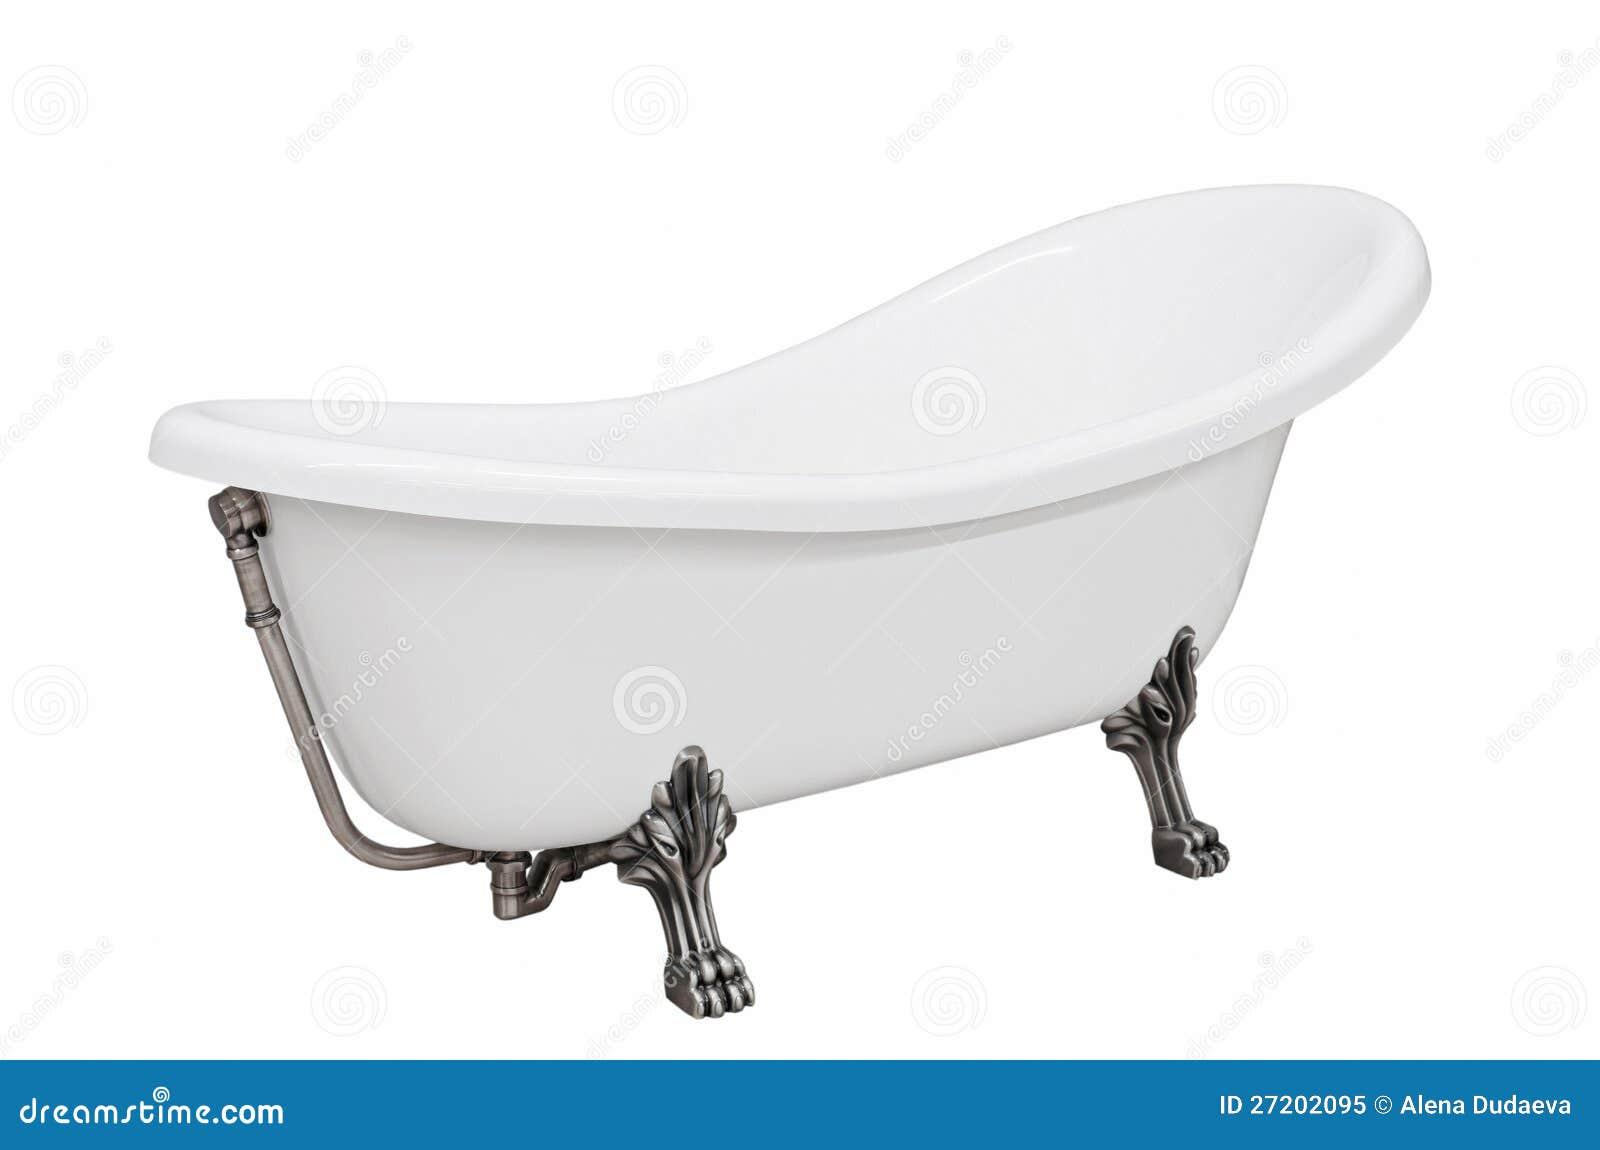 Dimensioni Vasca Da Bagno Classica : Vasche da bagno piccole dimensioni. vasca da bagno dimensioni con